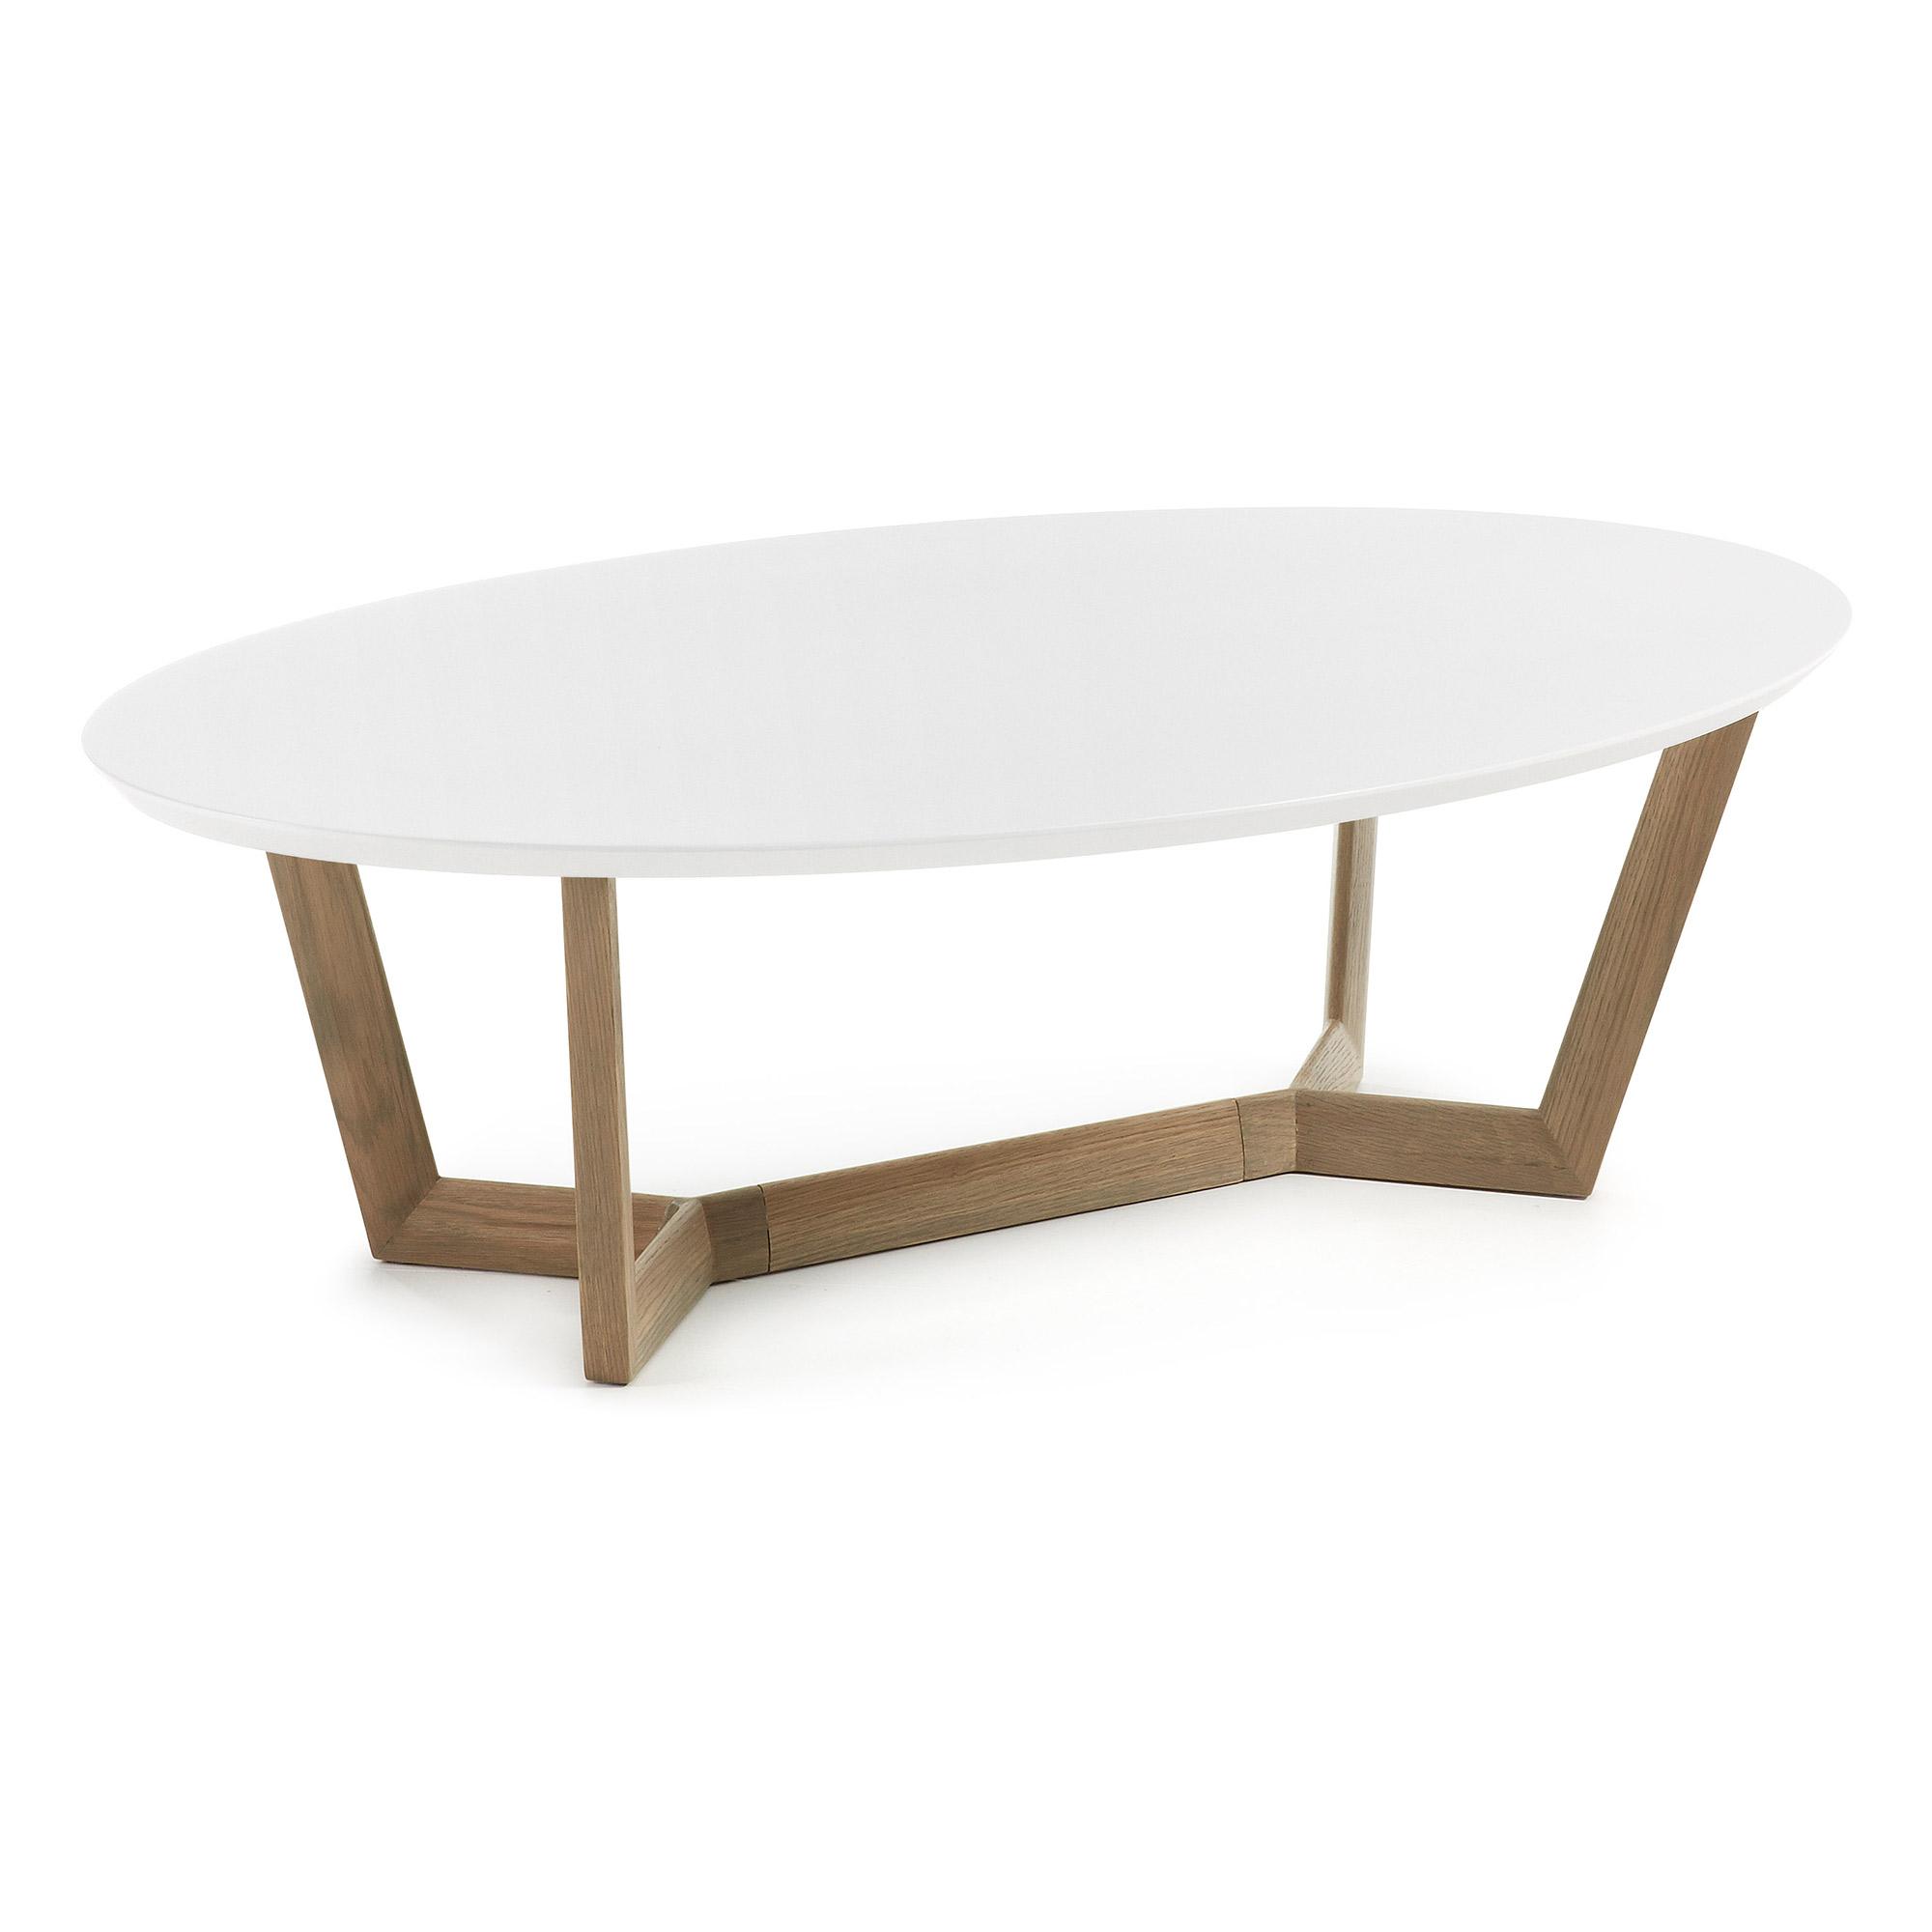 laforma – Laforma surf sofabord - hvid/grå træ/egetræ, oval (120x70) på boboonline.dk